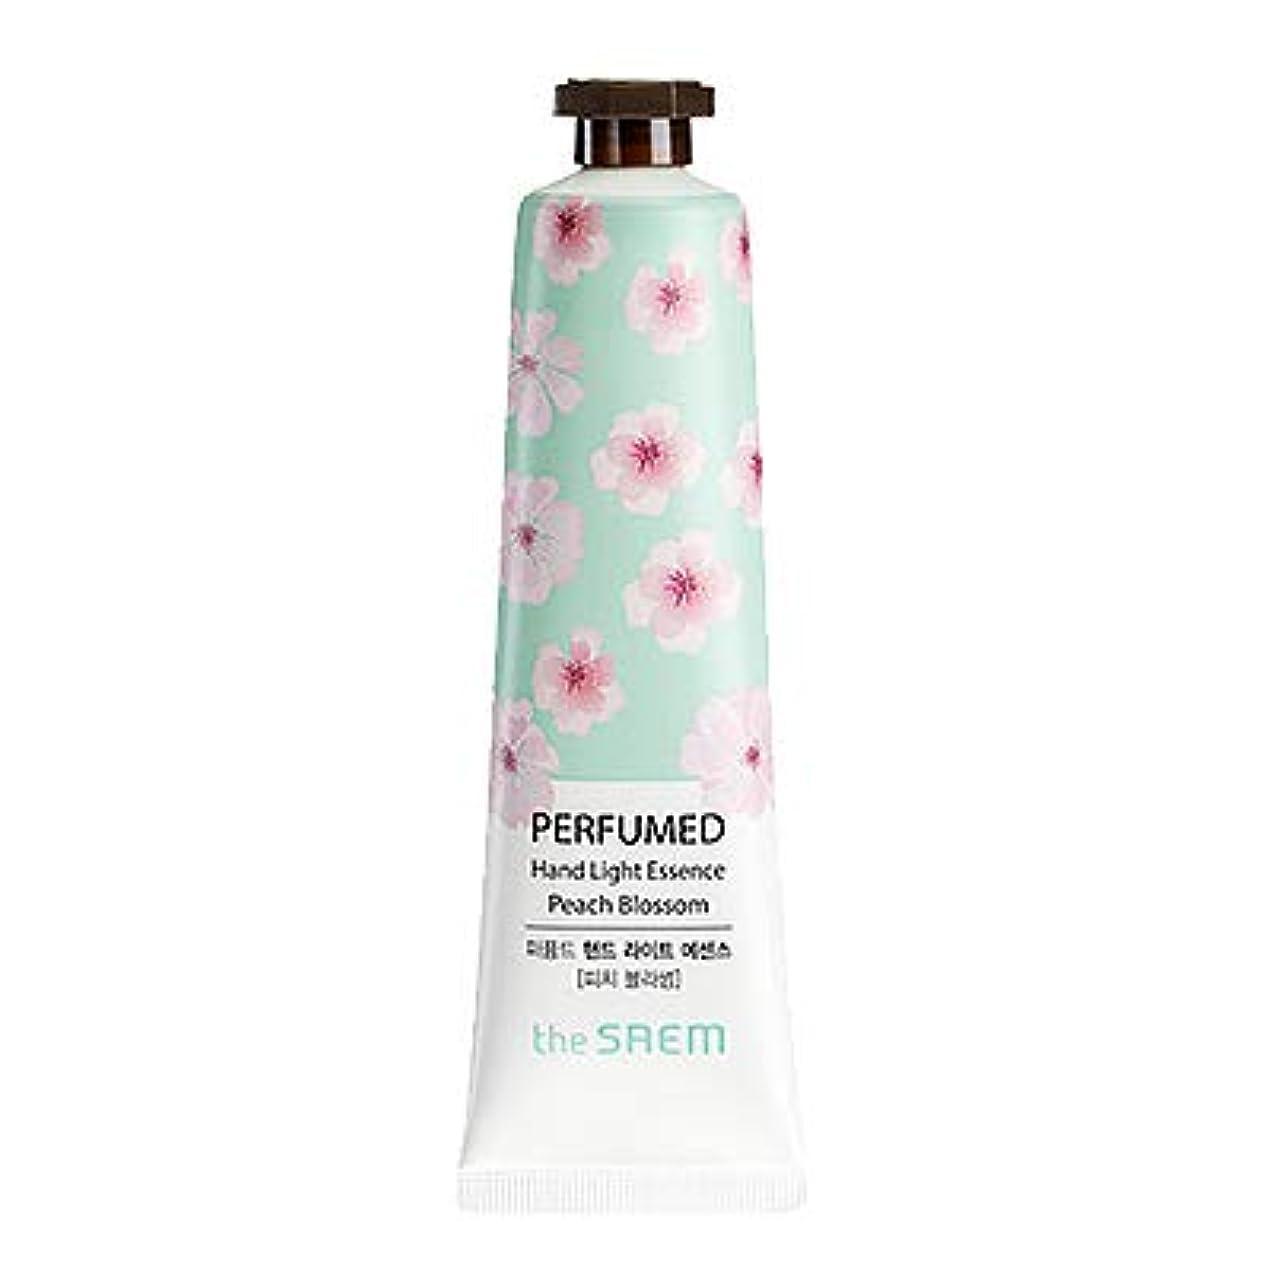 ズームレイプドラマtheSAEM ザセム パヒューム ハンド ライト エッセンス ハンドクリーム PERFUMED HAND LIGHT ESSENCE 韓国コスメ (E-Peach Blossom(ピーチブロッサム))